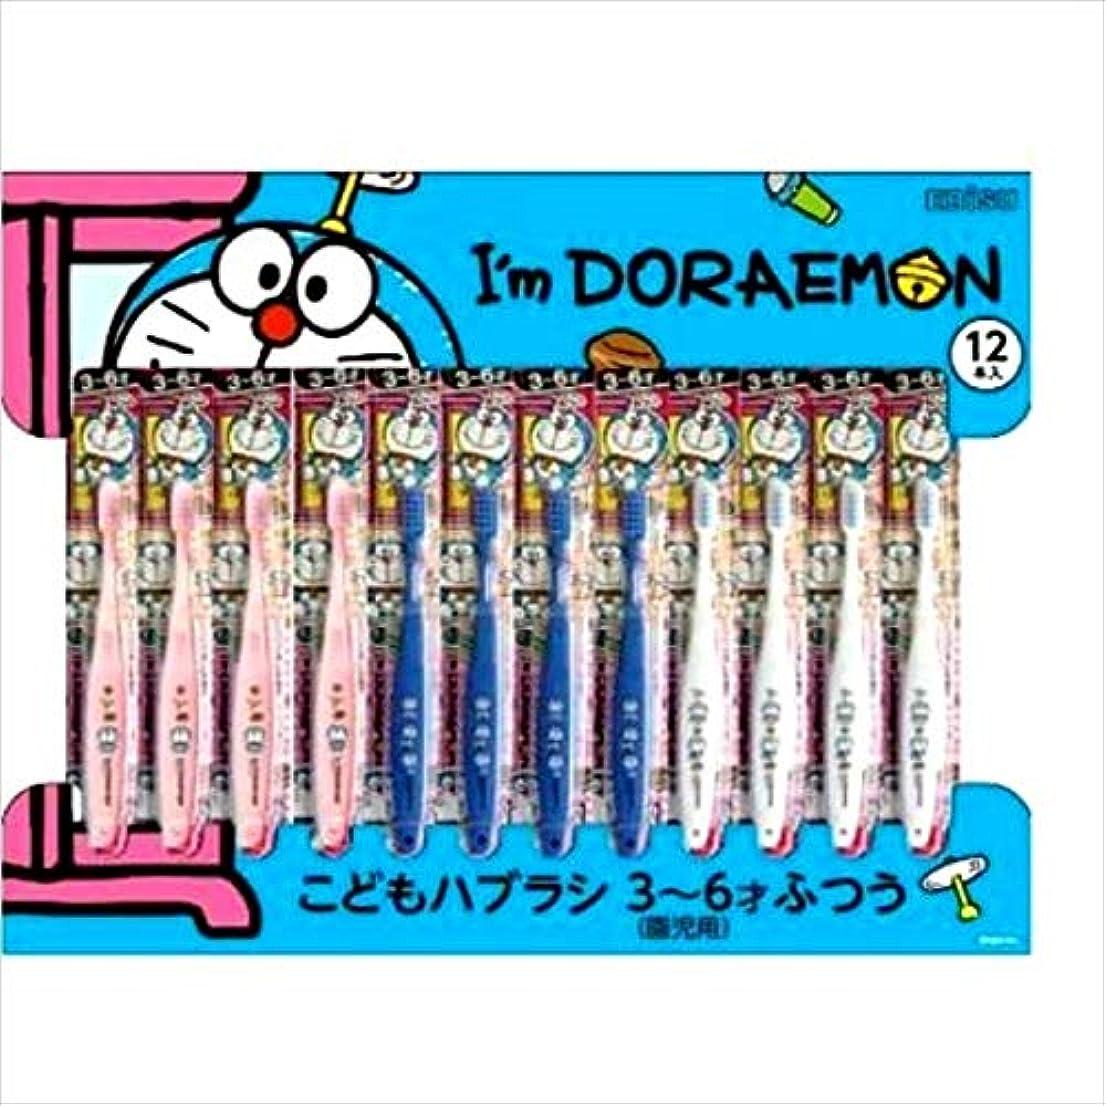 割り込み結論ロープI'M DORAEMON 子供用 歯ブラシ 12本入り